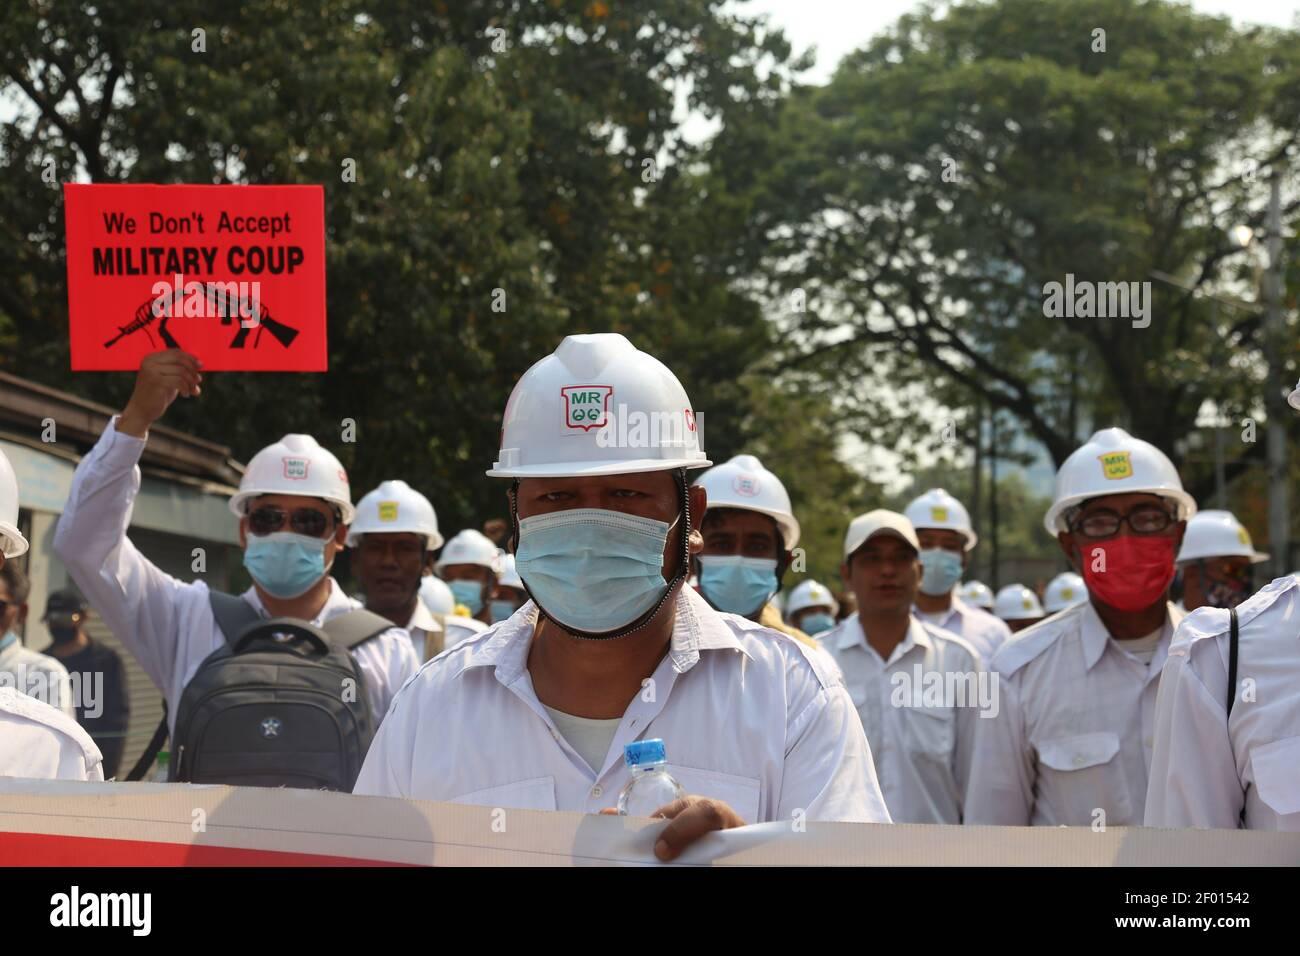 Mandalay, Myanmar. 6 mars 2021. Les funérailles d'un homme de 26 ans qui a été tué par balle par les forces de sécurité du Myanmar le 5 mars 2021 alors qu'il se trouvait à l'extérieur pour déjeuner pendant son travail ont eu lieu aujourd'hui (6 mars 2021). Il est père d'un enfant de 5 ans et d'une femme enceinte de 5 mois. Les gens sont descendus dans la rue pour protester contre le coup d'État militaire pendant les funérailles. Crédit : CIC de la majorité mondiale/Alamy Live News Banque D'Images